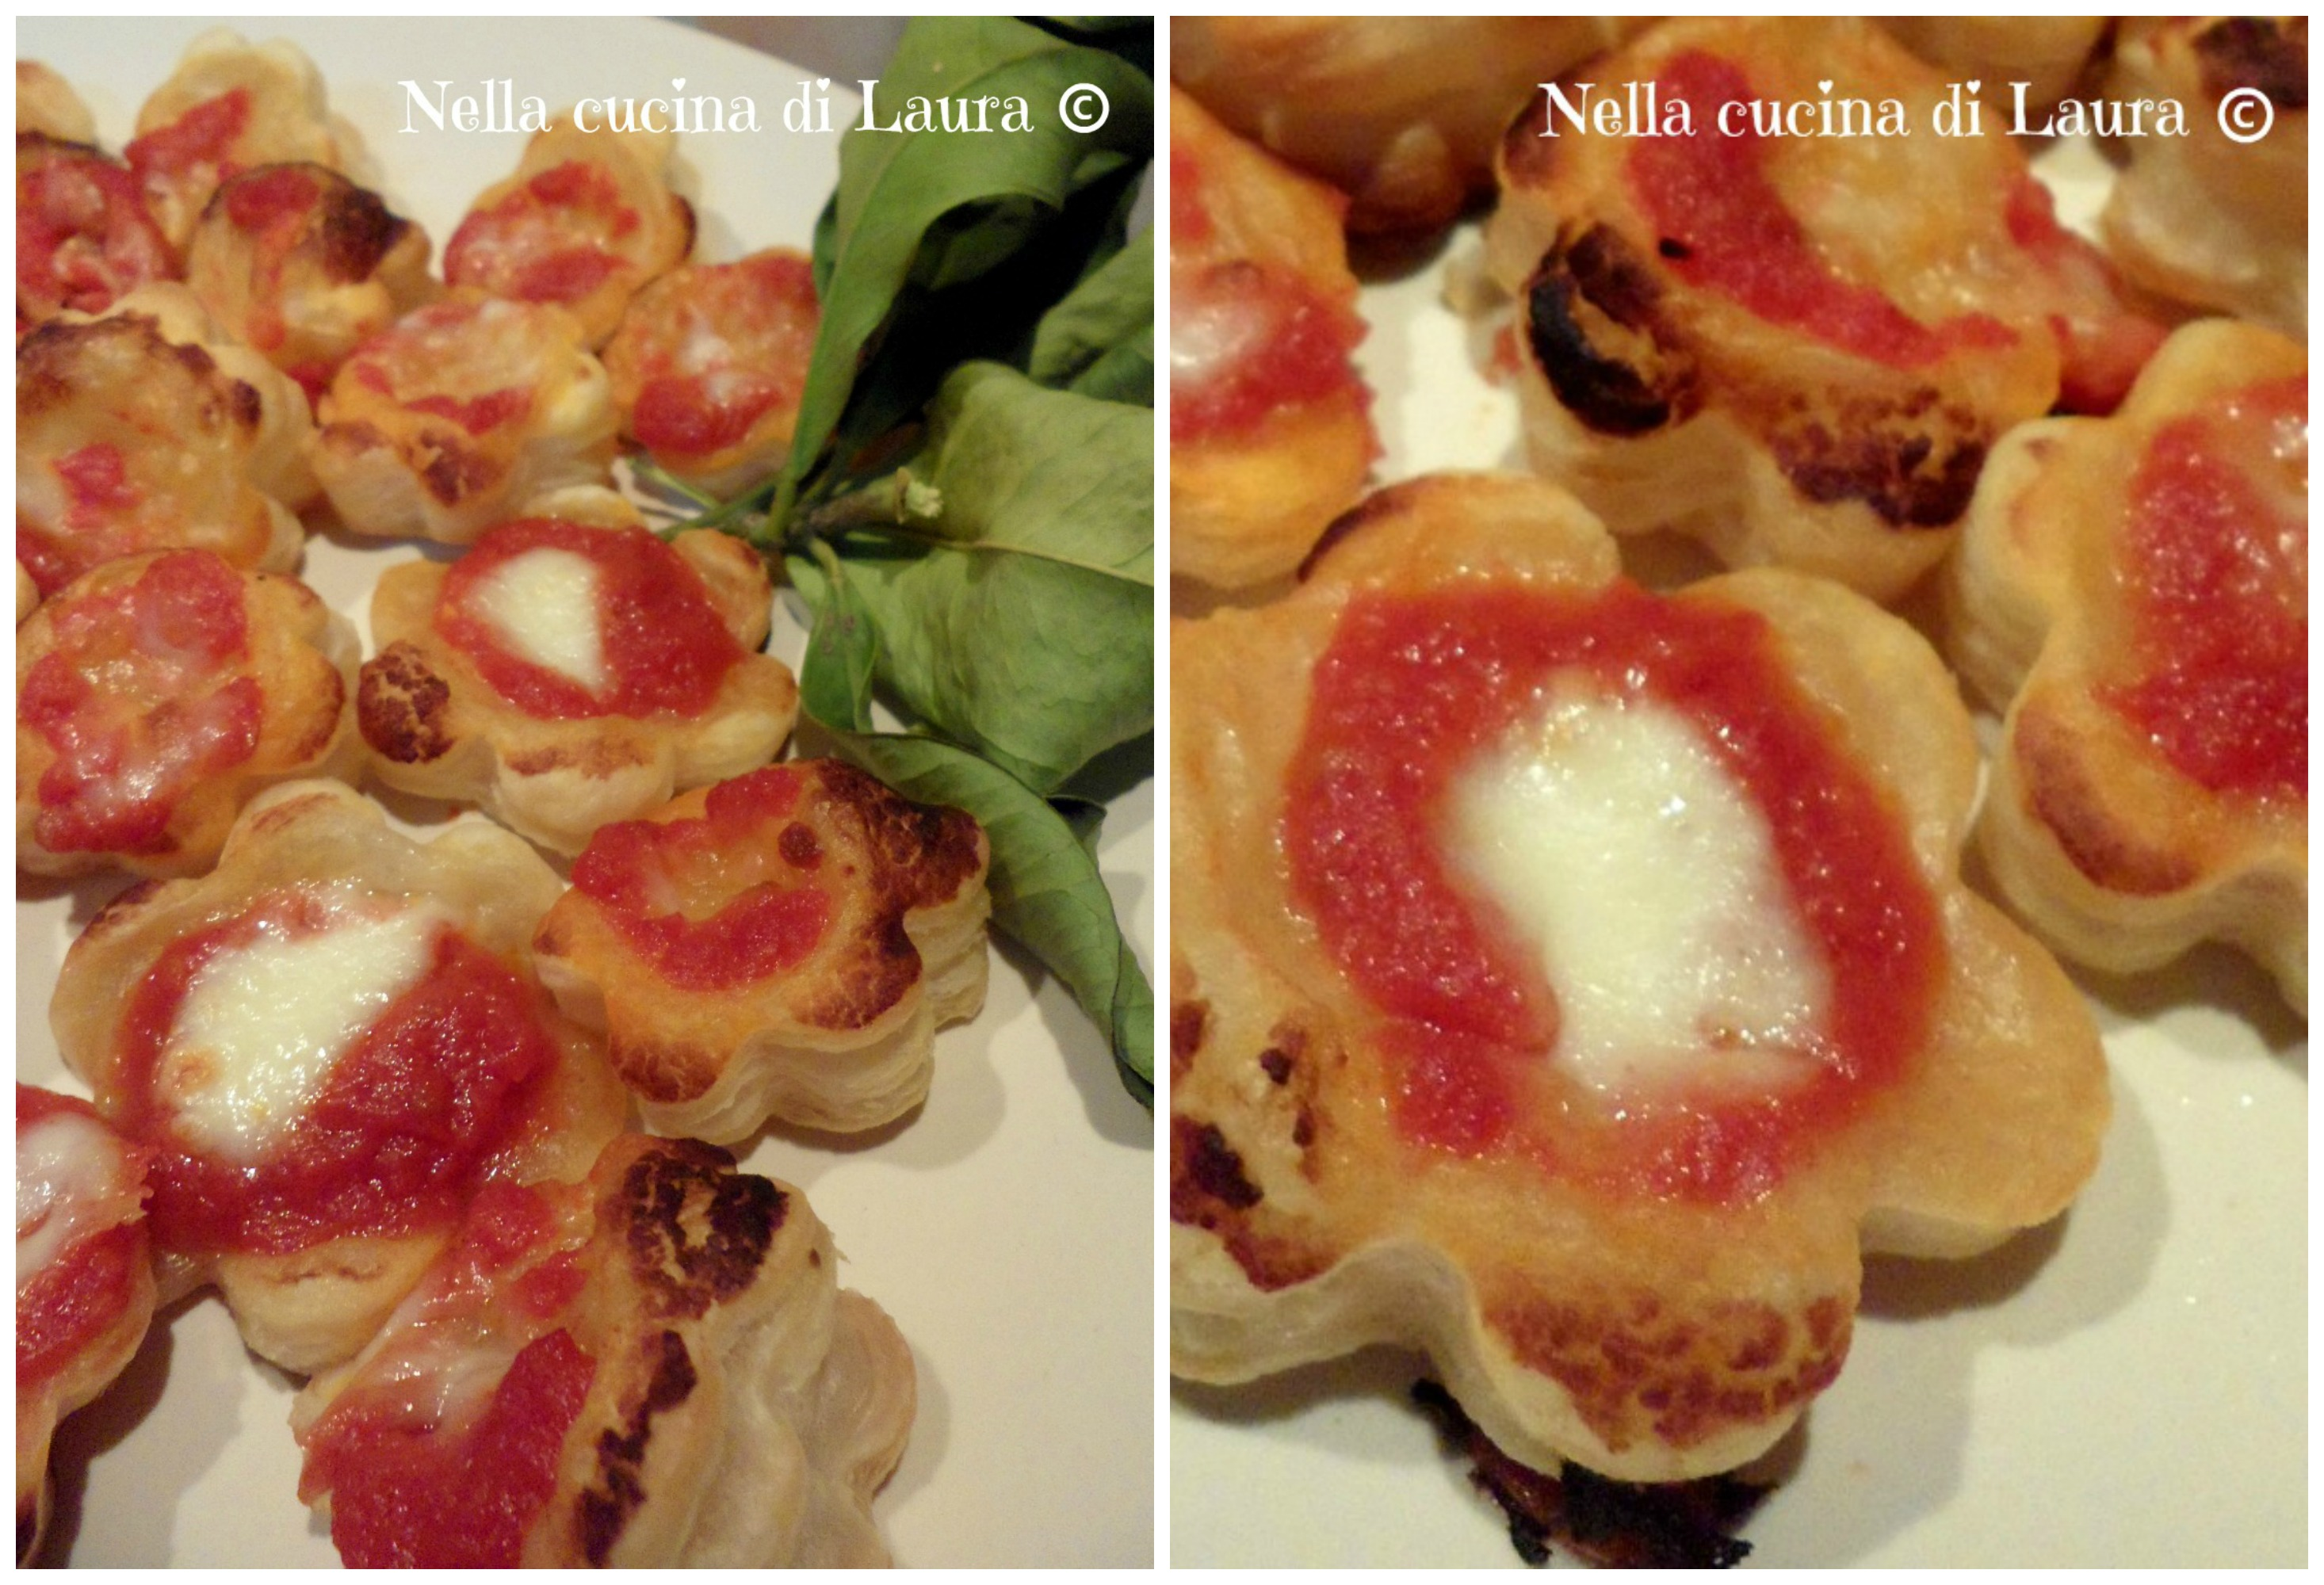 pizzette di sfoglia pomodoro e mozzarella  - nella cucina di laura